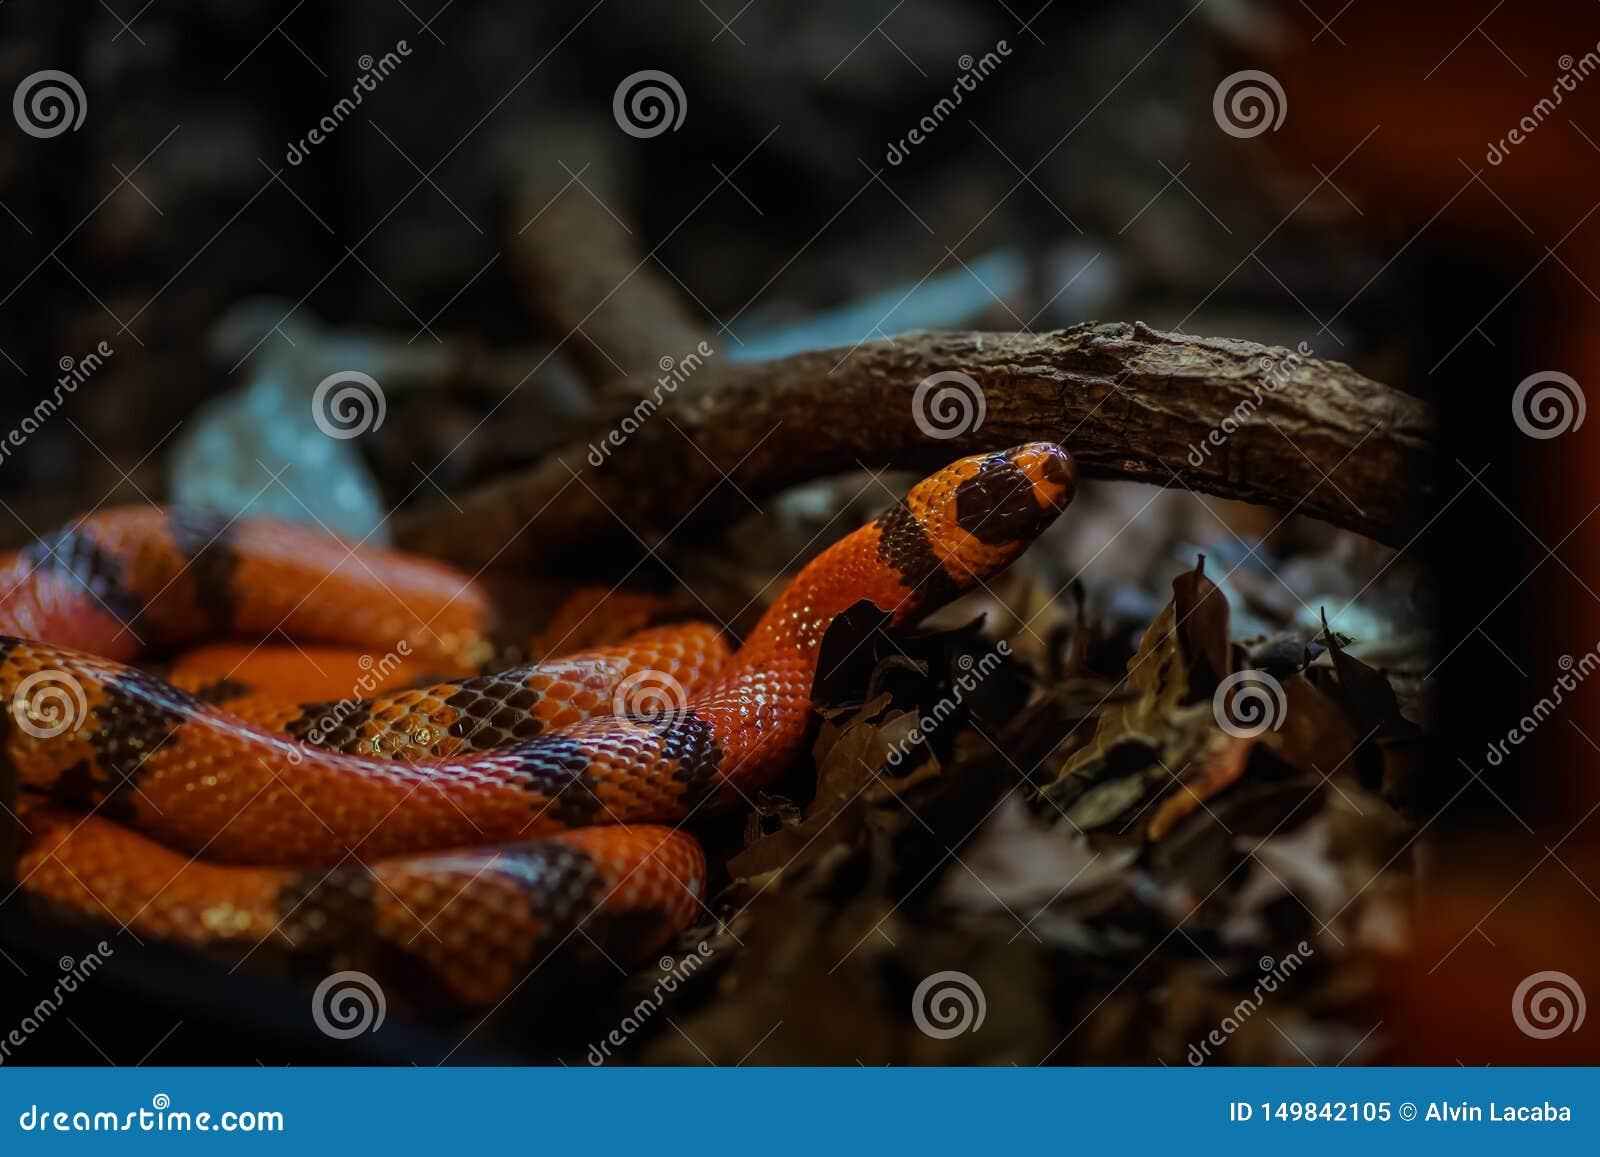 Om te begrijpen wat verschillend tussen een colubrid en een slang is, eerst moet u een inzicht in de wereld van slangen hebben